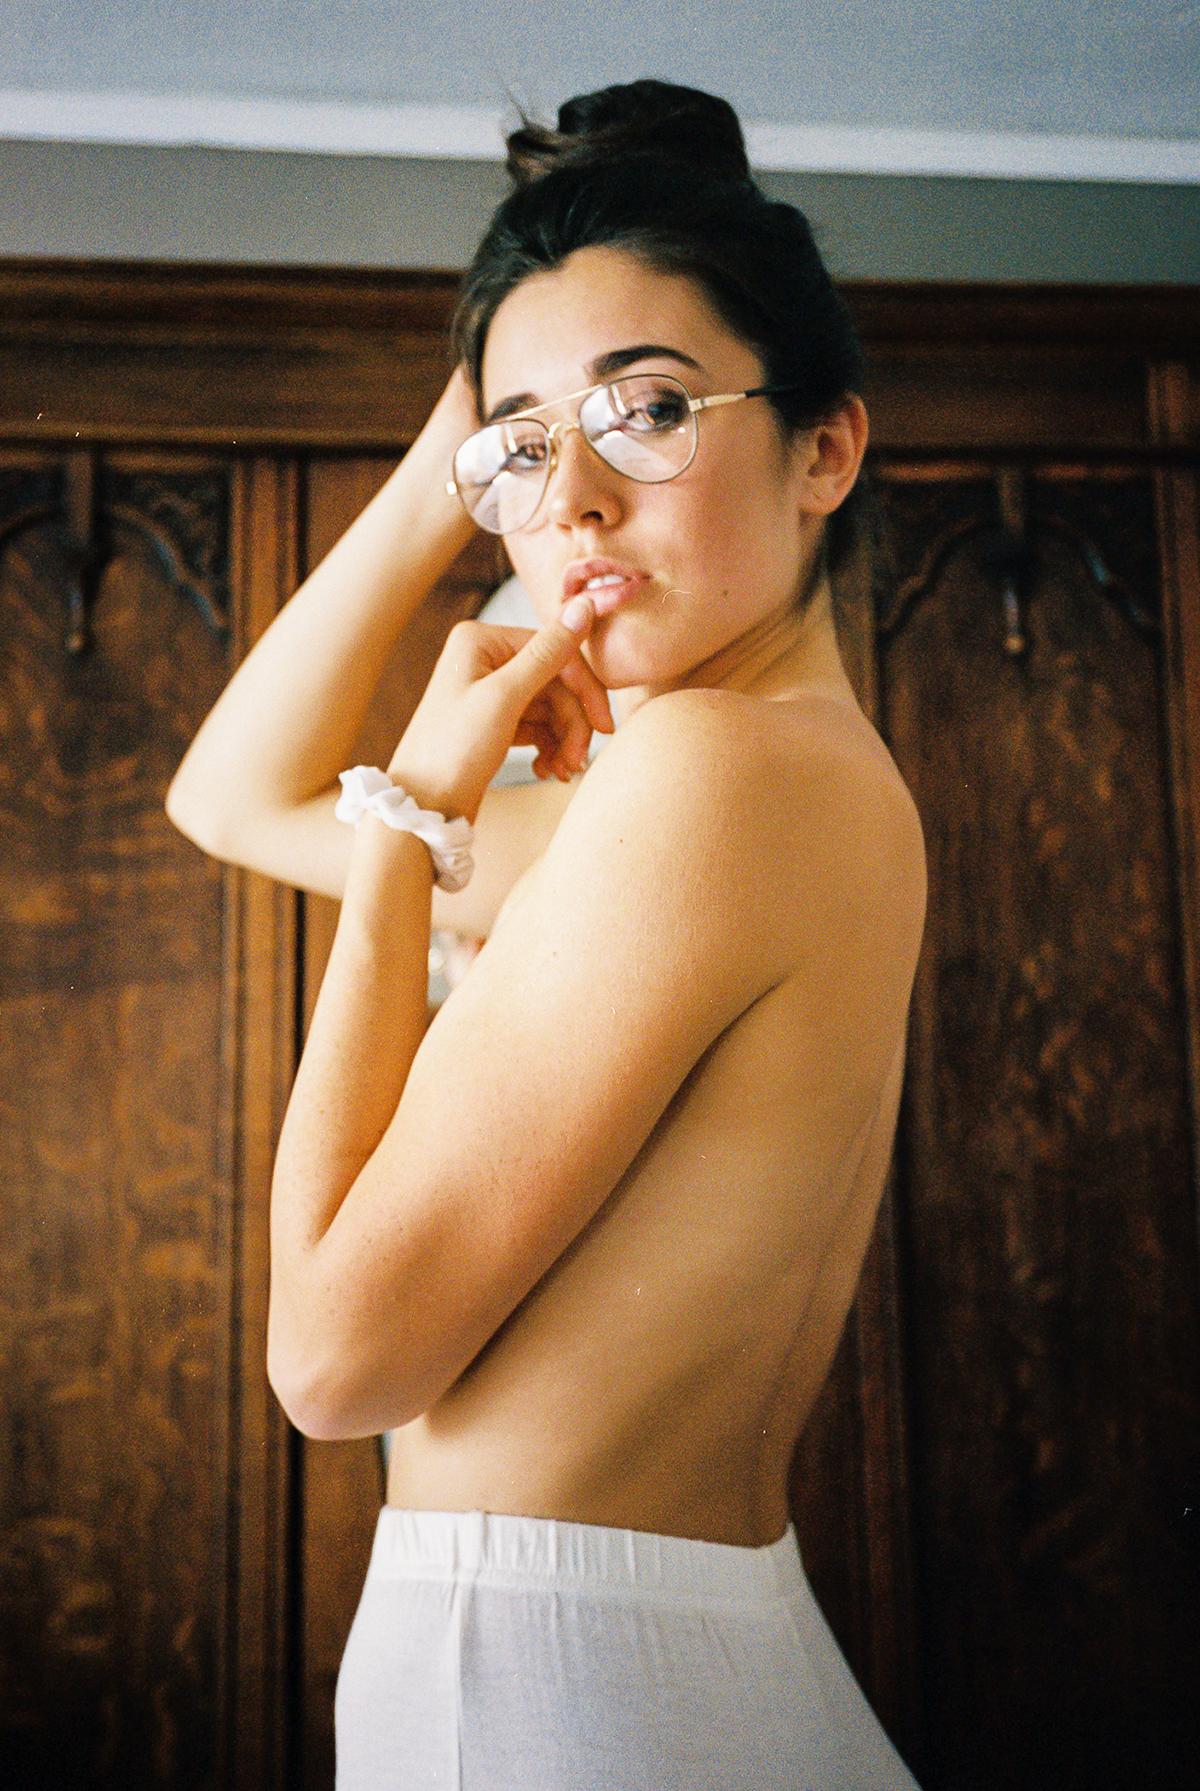 Audrey-Bradford-Danny-Lane-YAF-Magazine-5